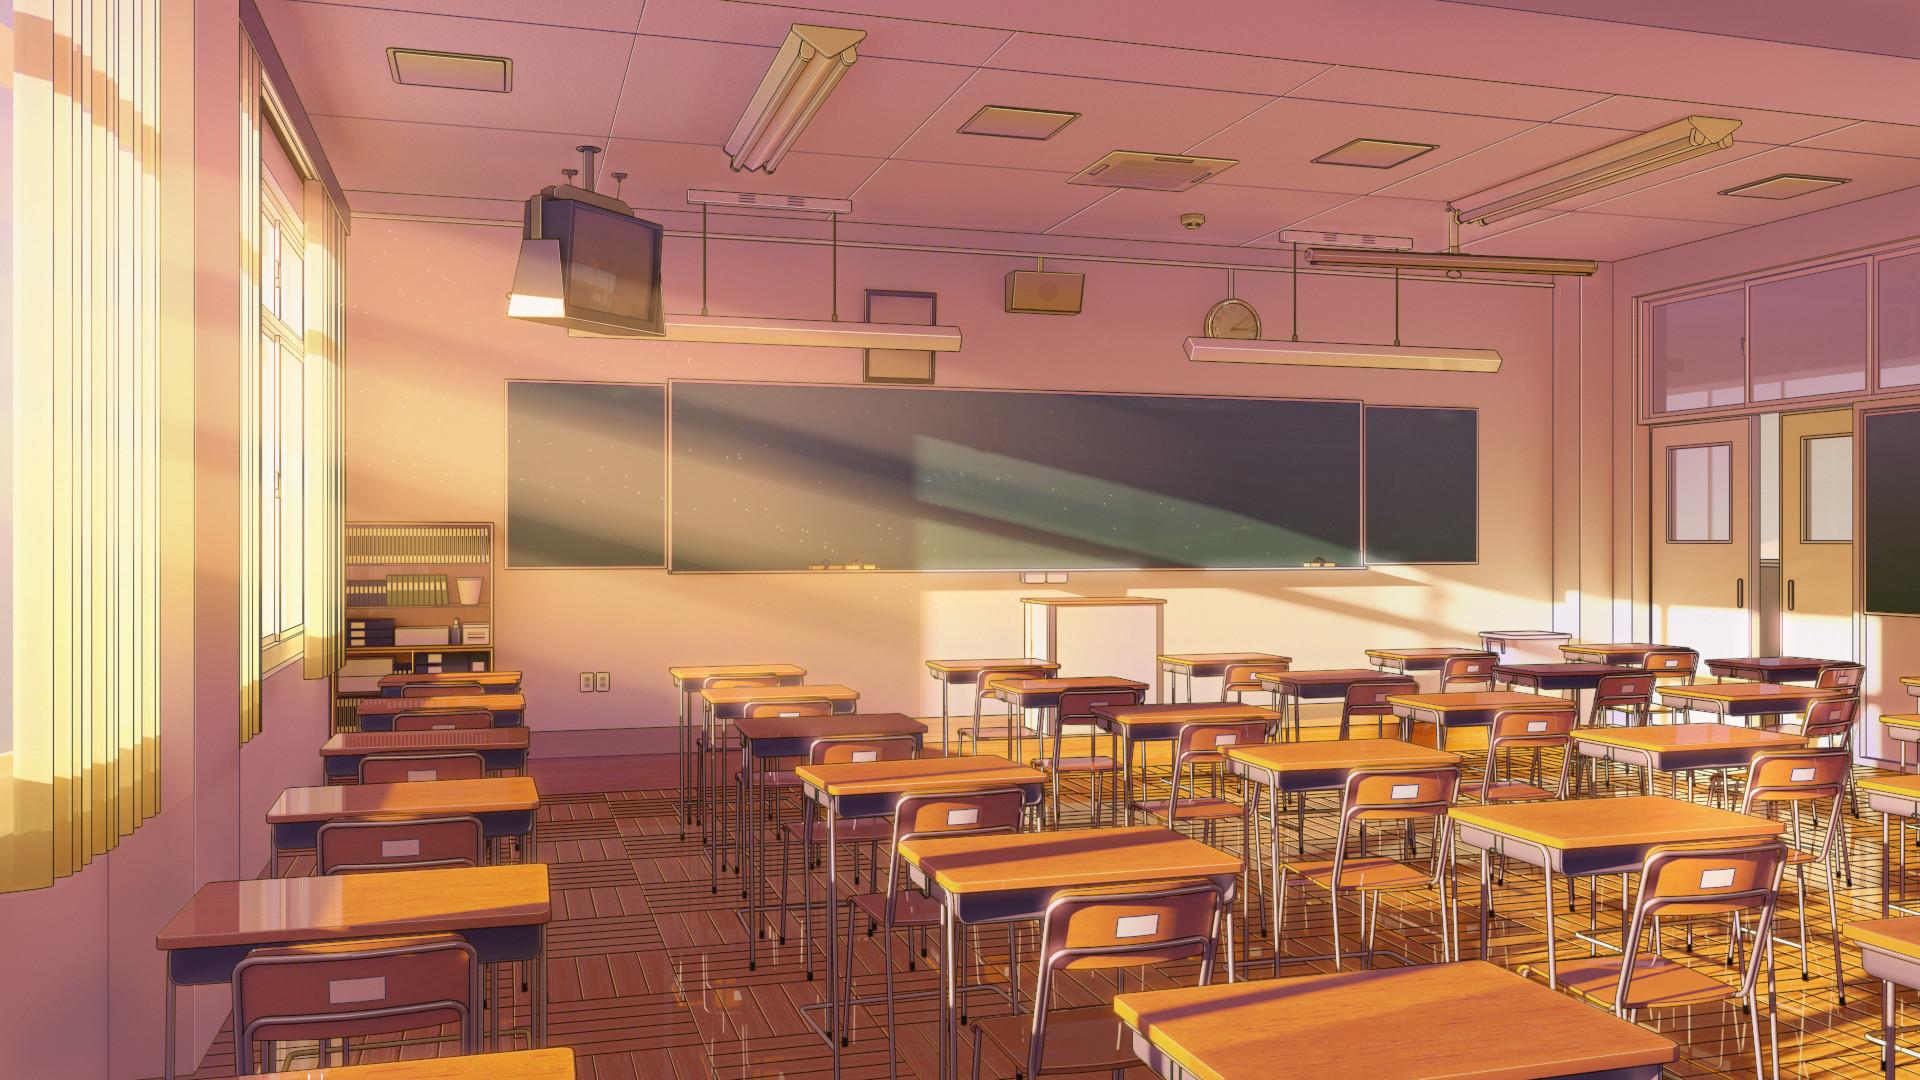 3d Server Wallpaper Artstation Japanese Classroom Alexey Skorov